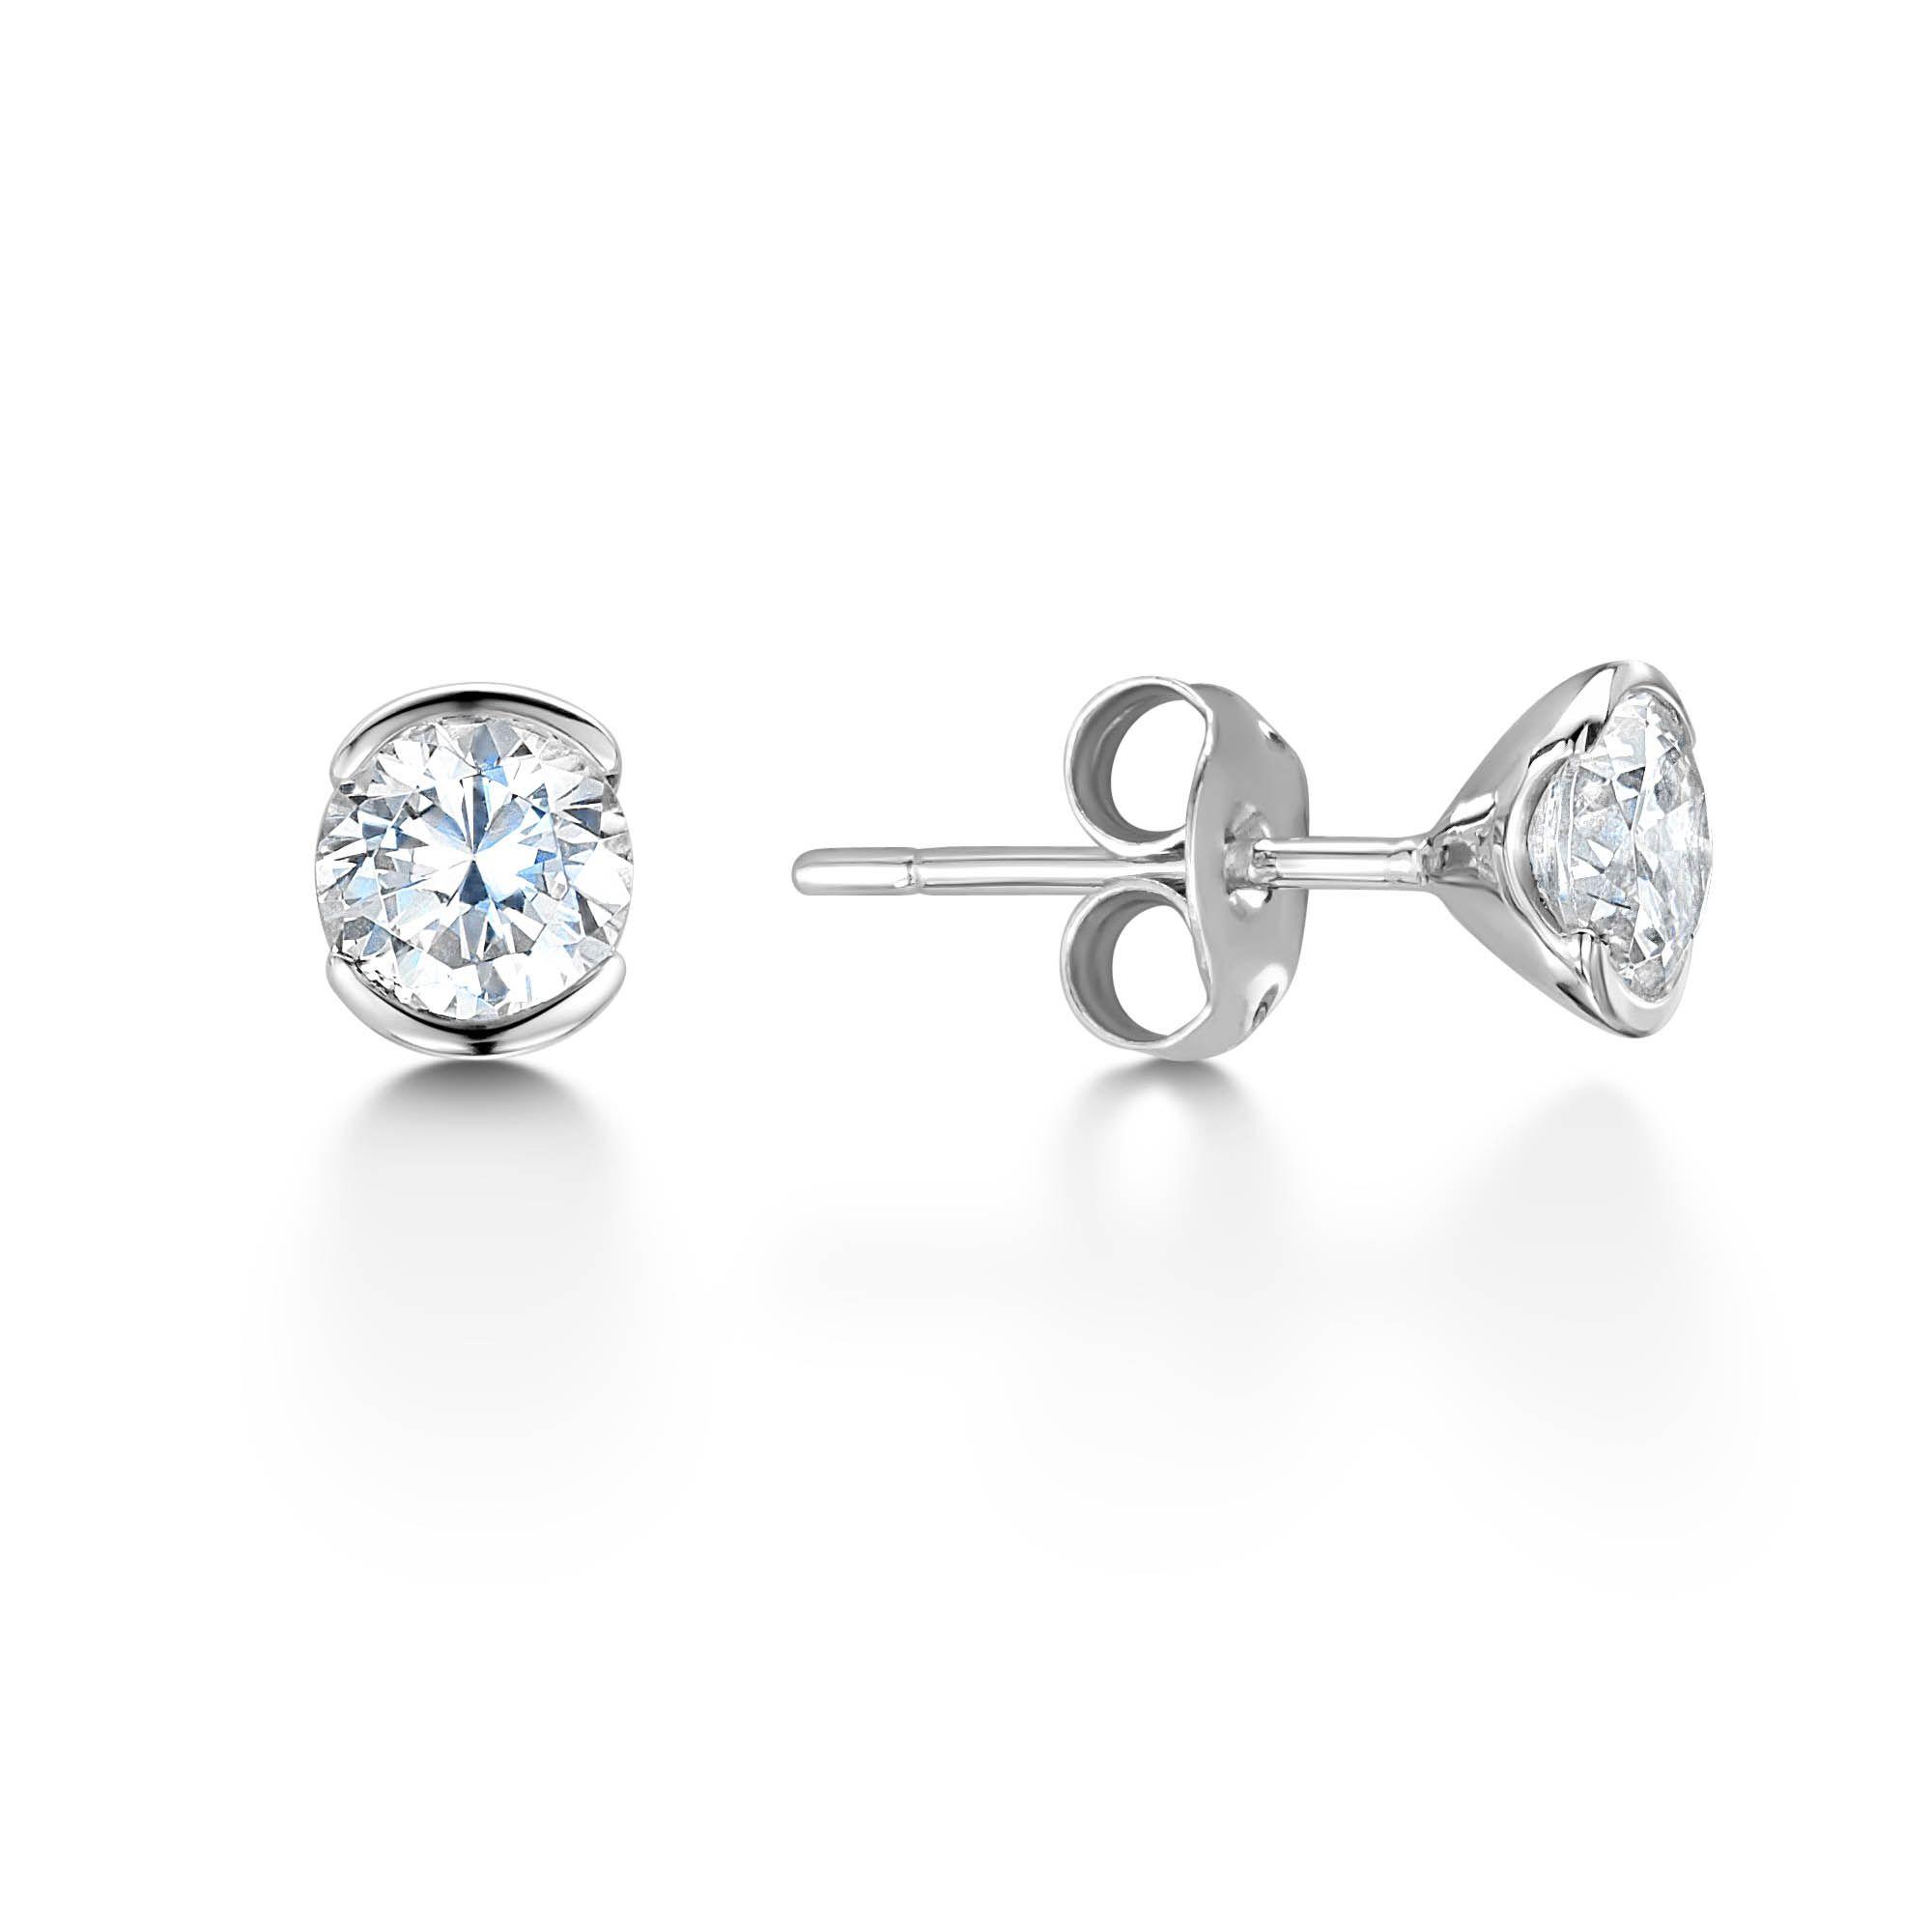 Semi Rub Over Set Brilliant Cut Diamond Stud Earrings 0 30ct